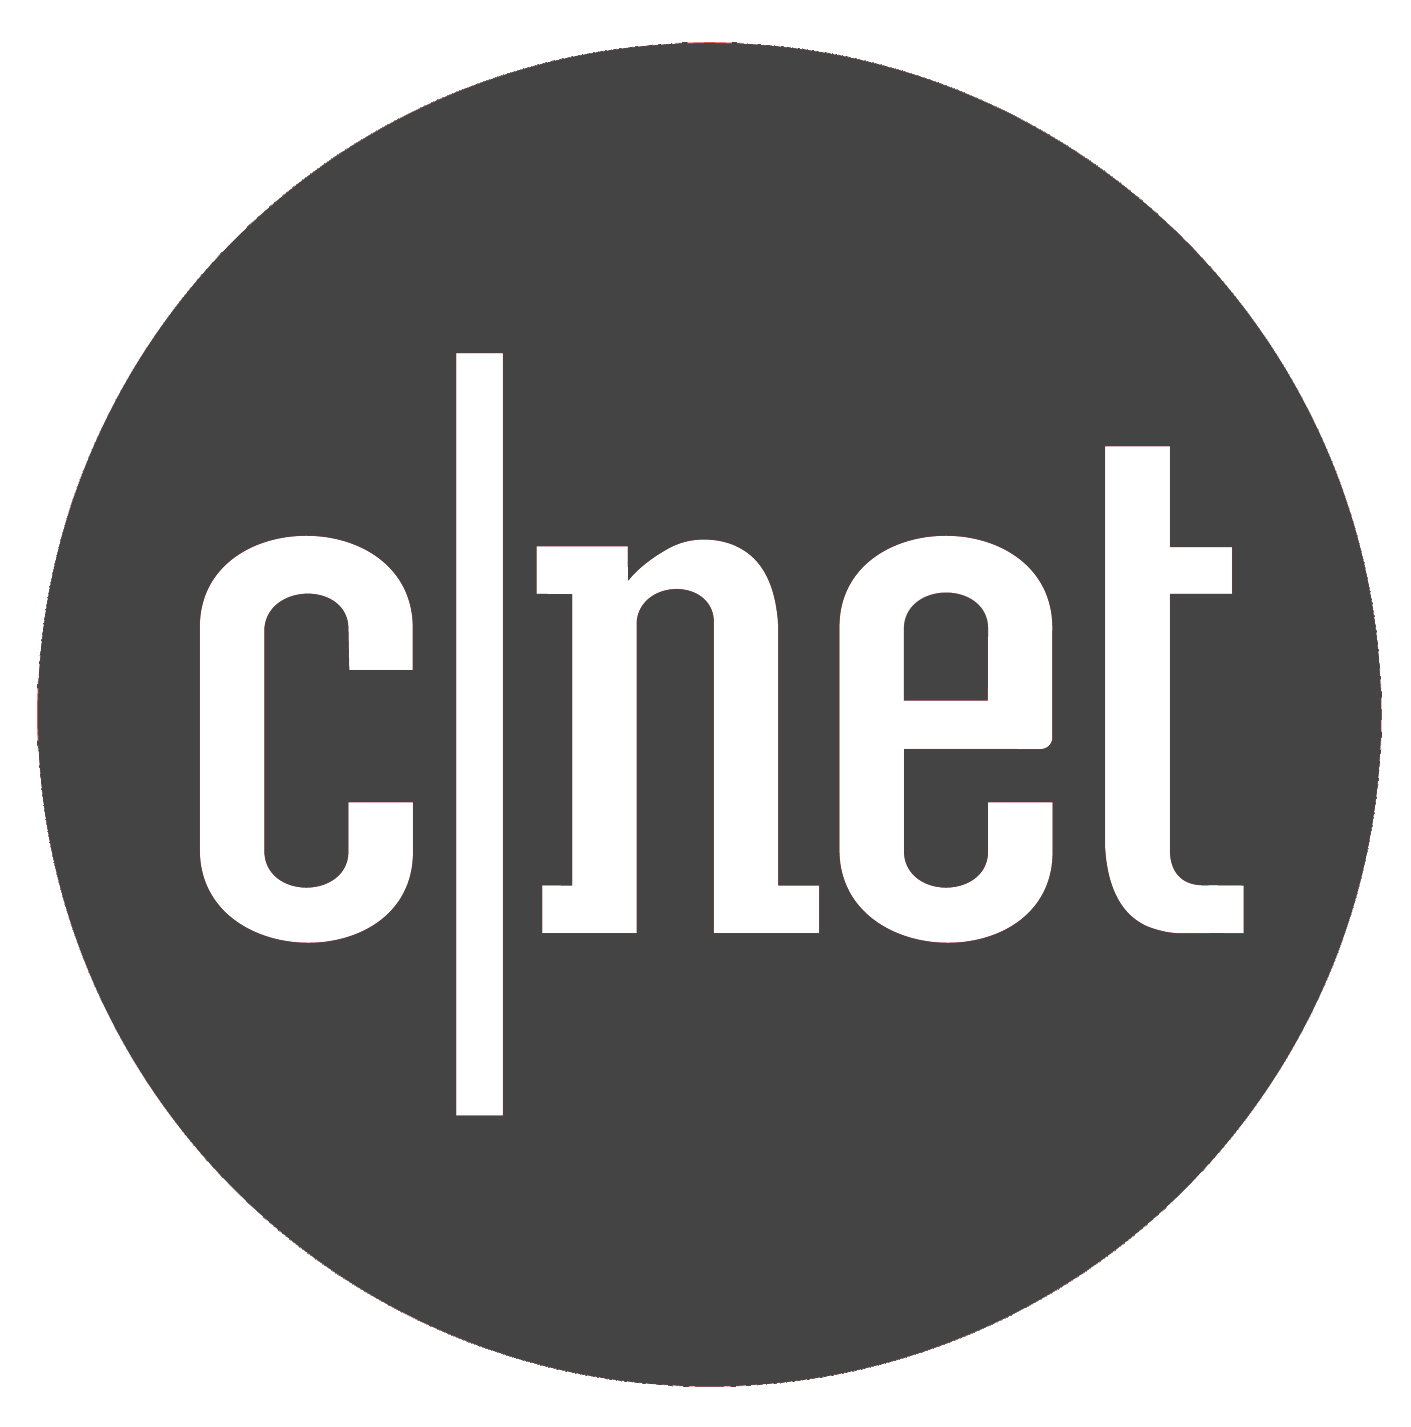 Cnet-logo-Pentagram_copy.png